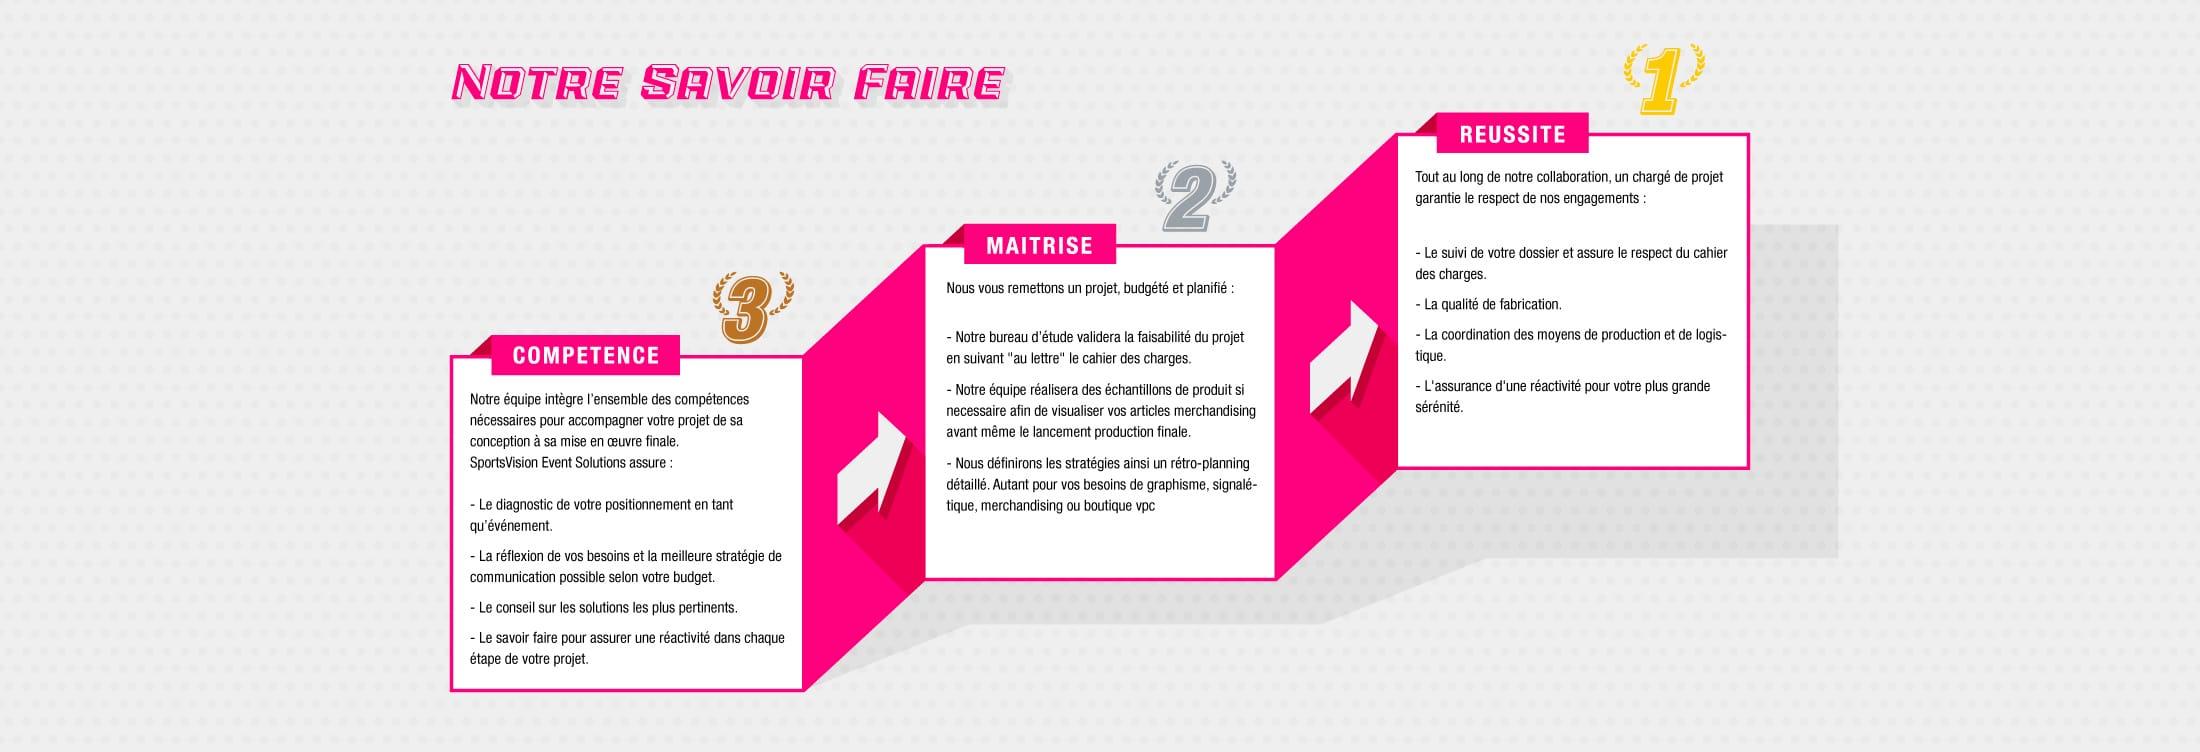 savoir-faire_events_DOTS